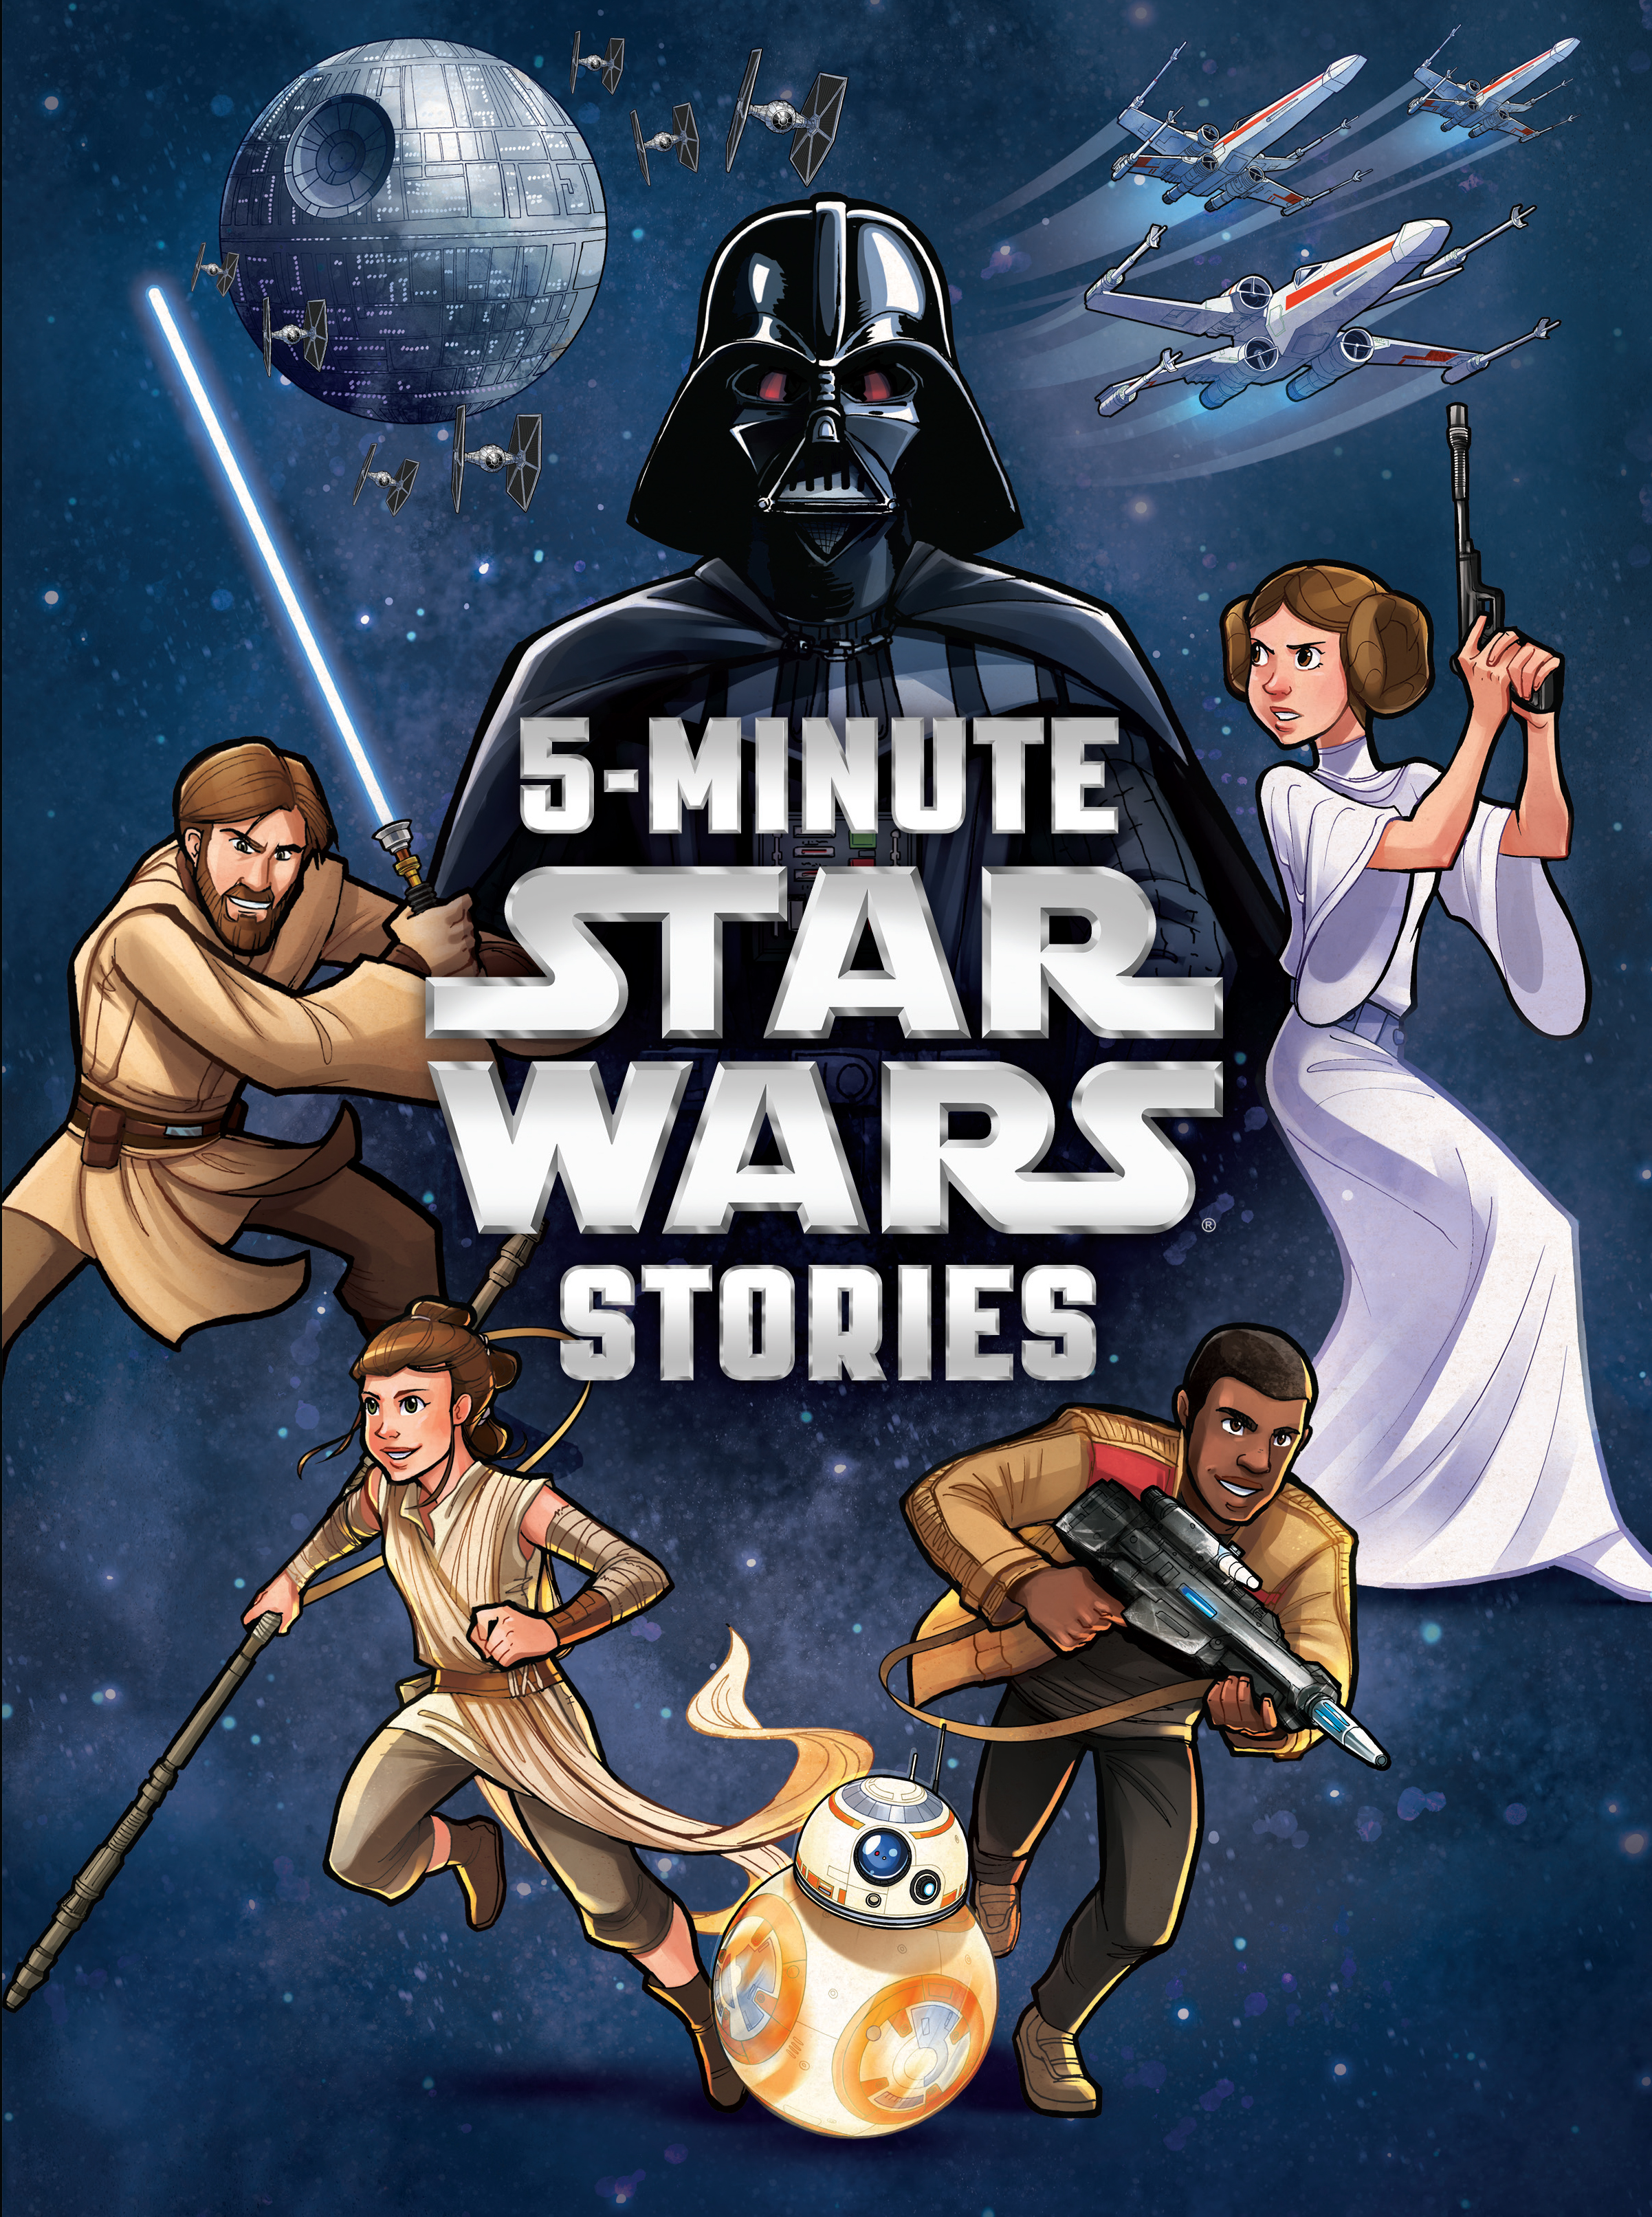 5-Minute Star Wars Stories cover.jpg